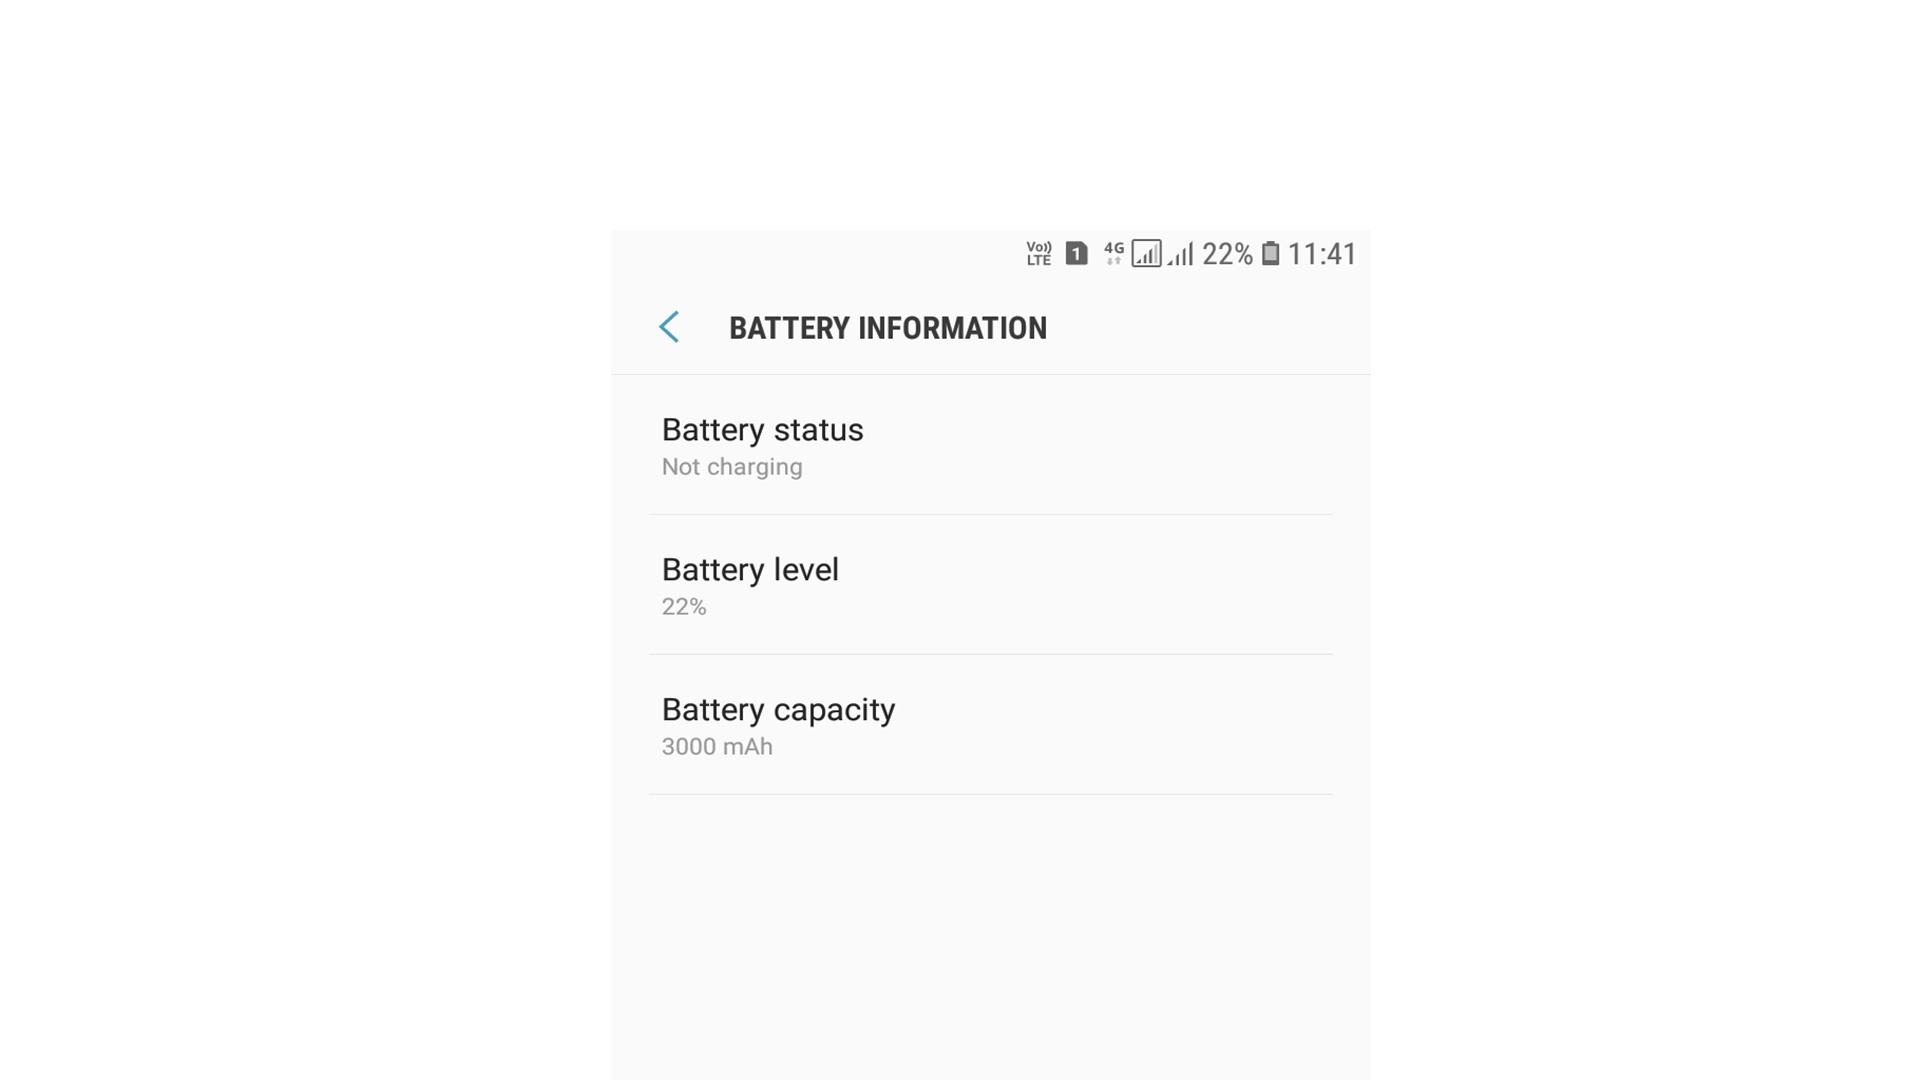 battery capacity